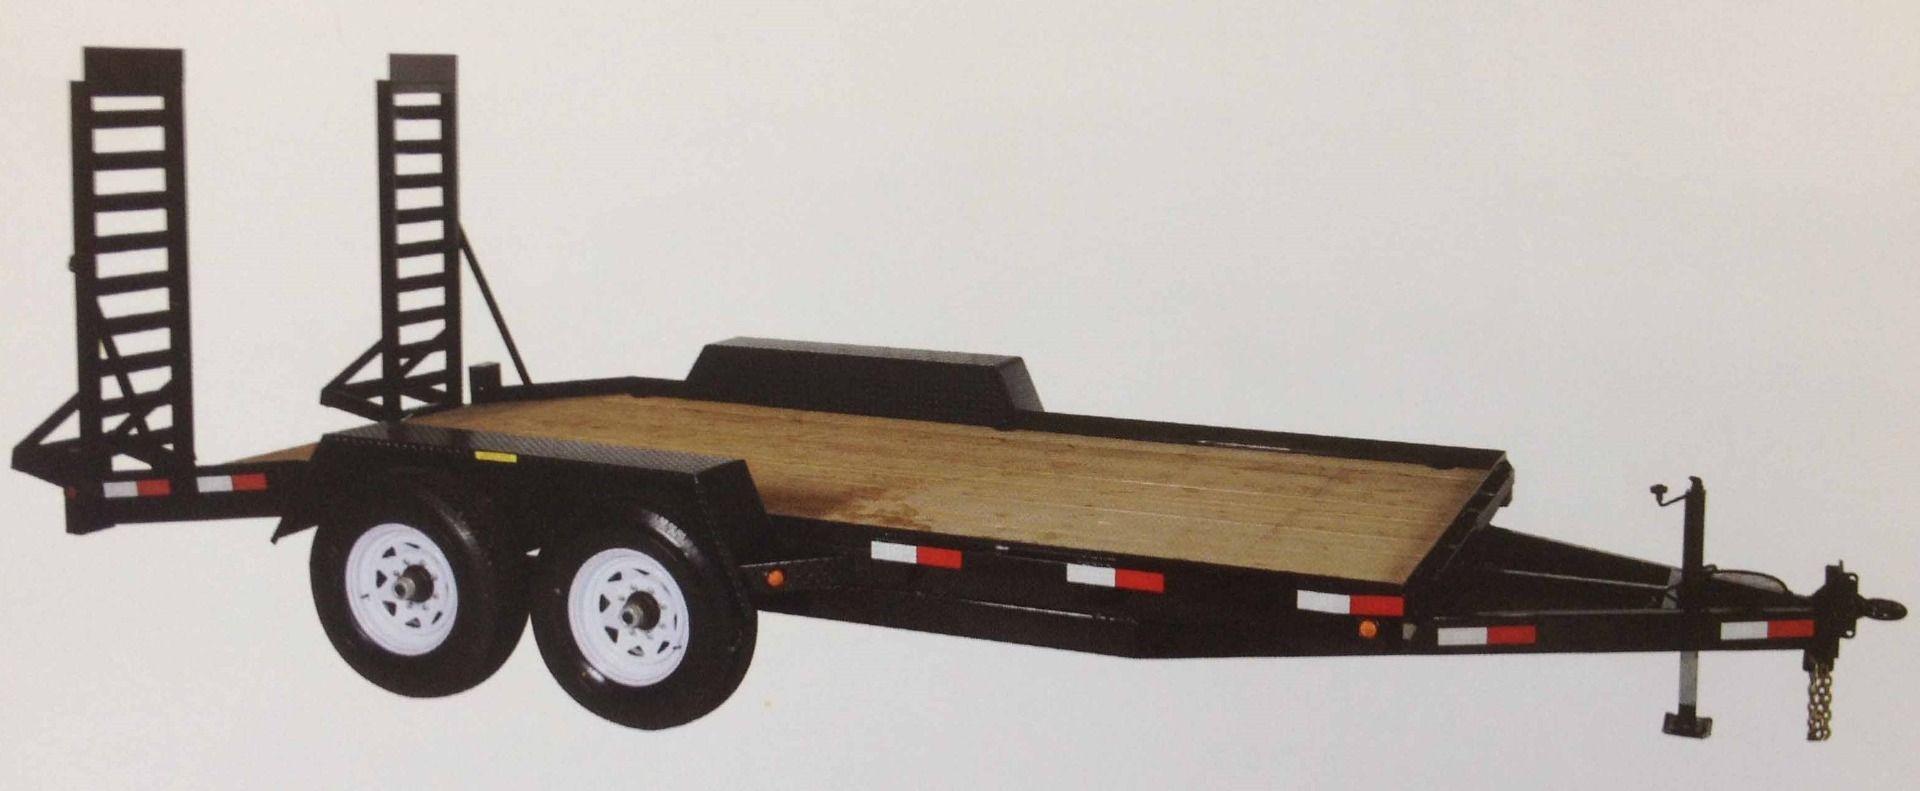 BC 12000 tandem axle equipment float